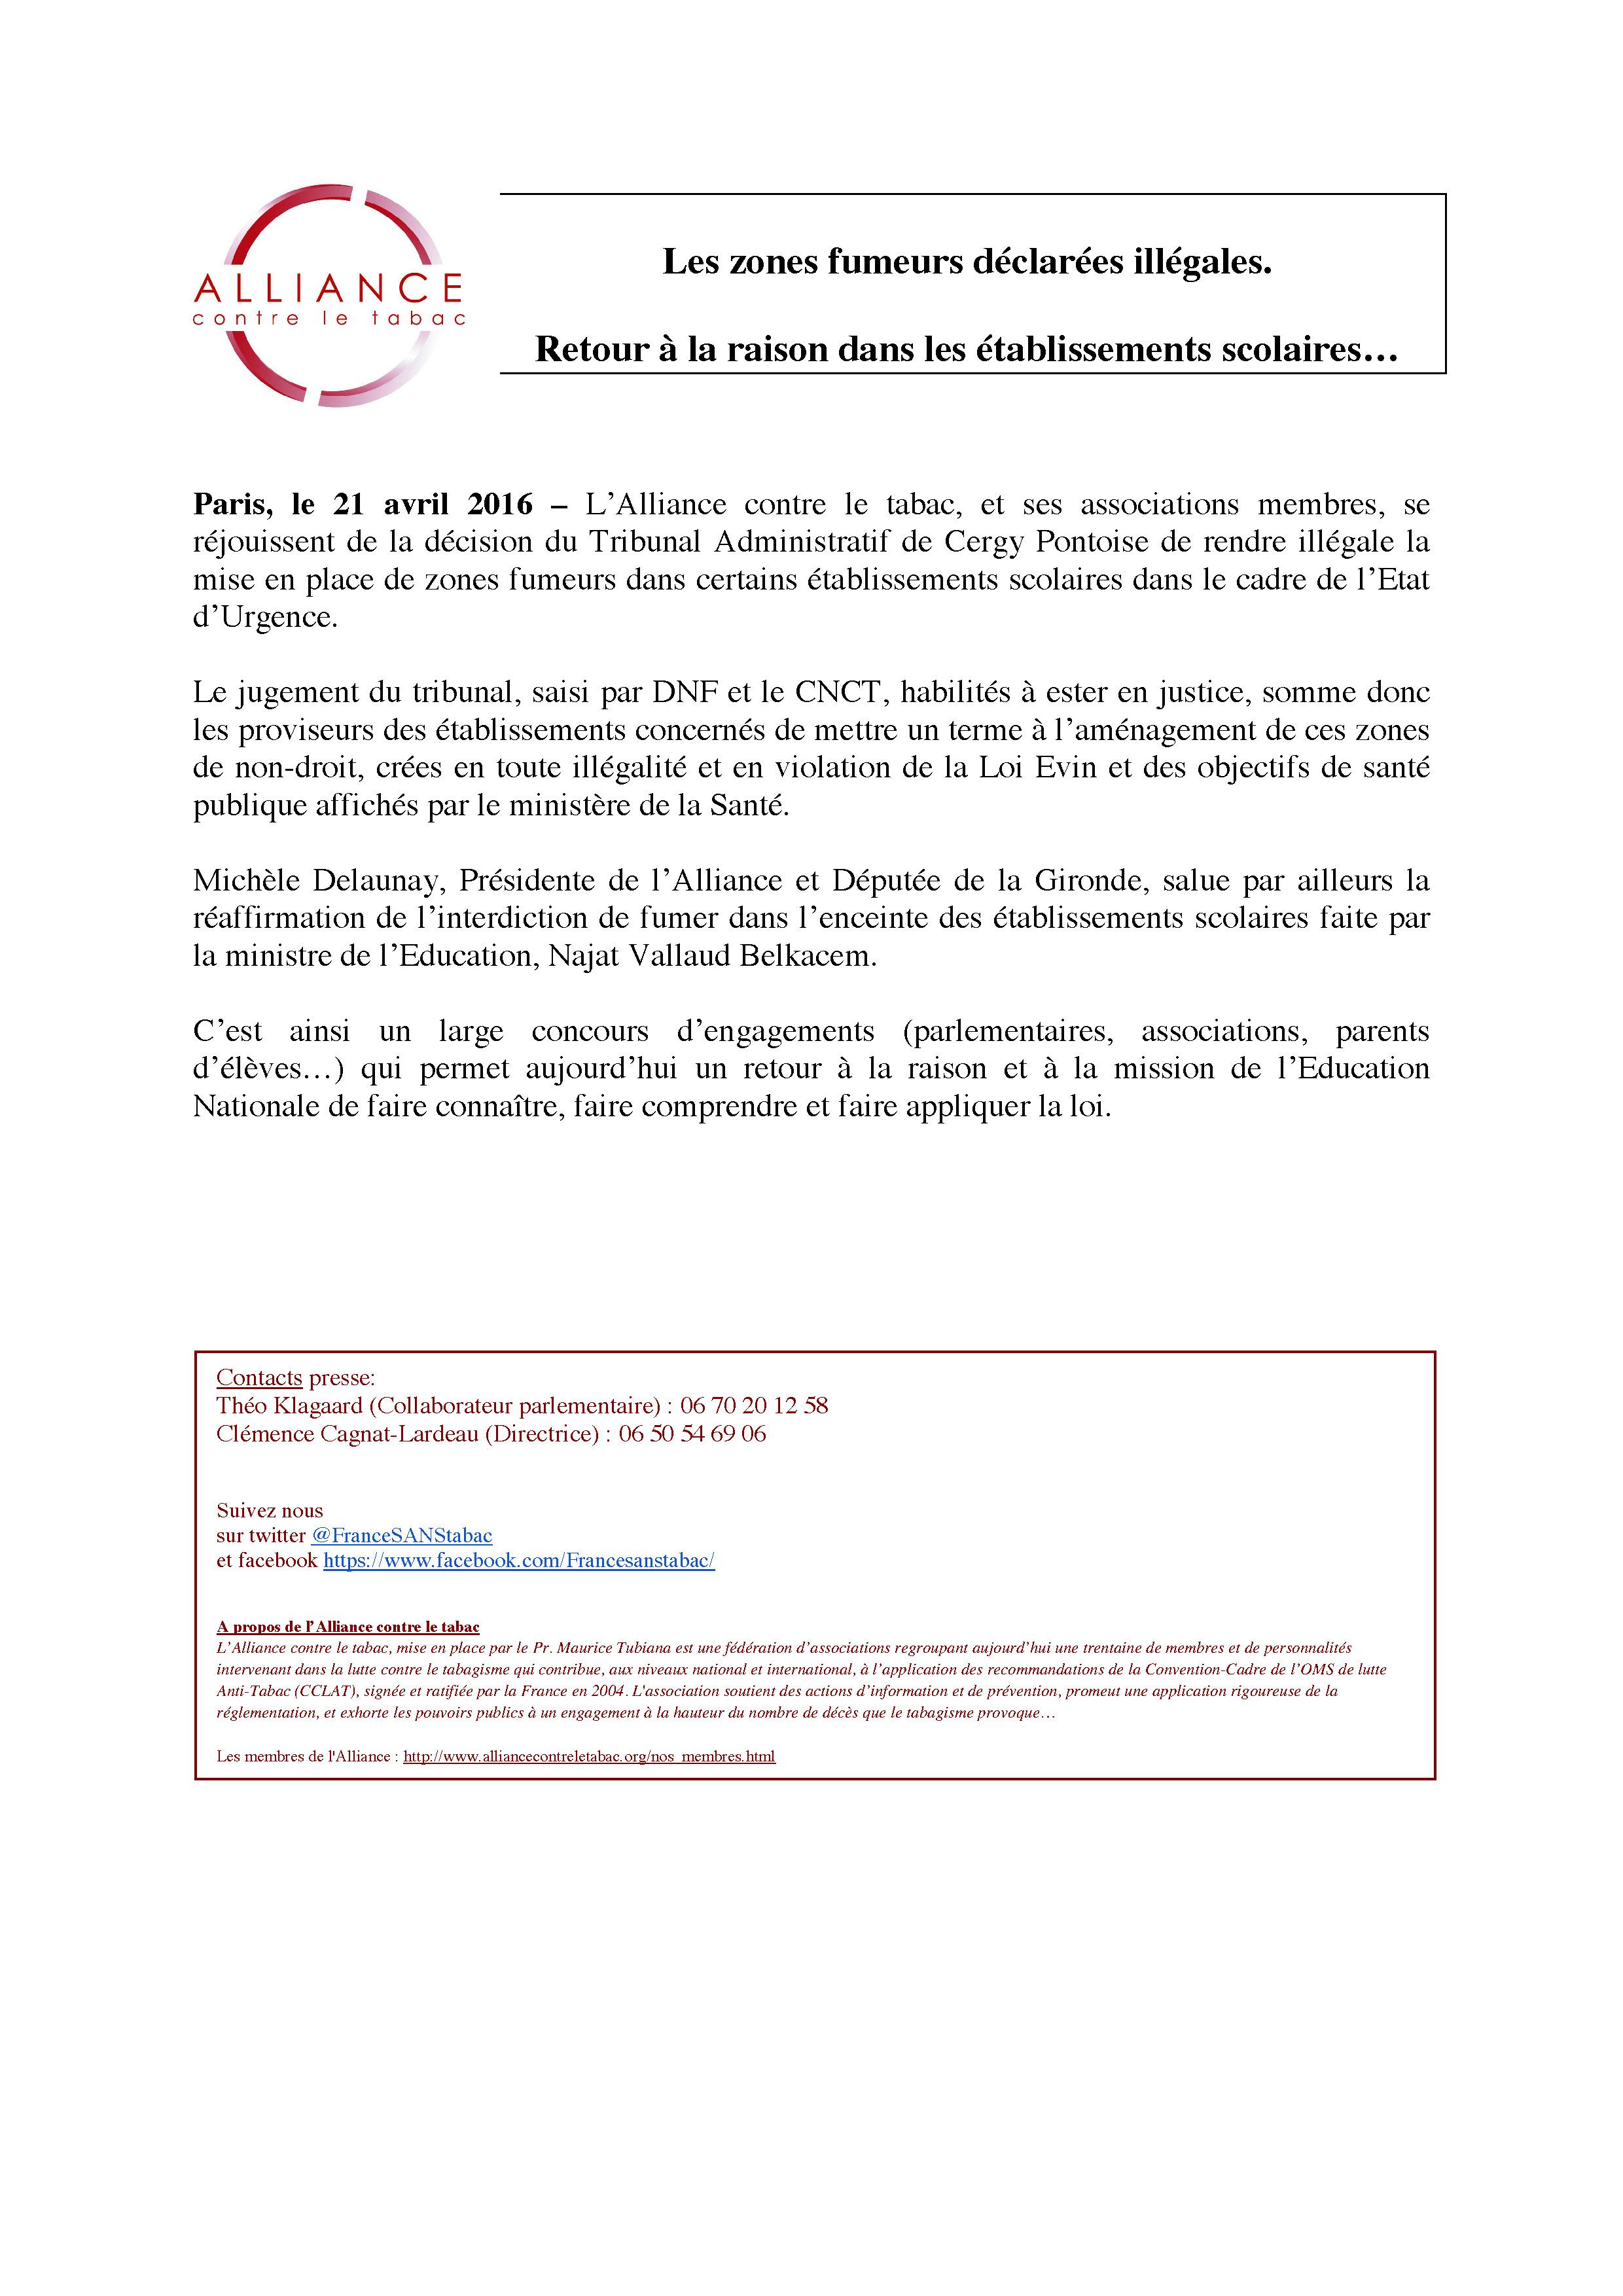 Alliance-CP_les-zones-fumeurs-declarees-illegales-21avr2016.jpg